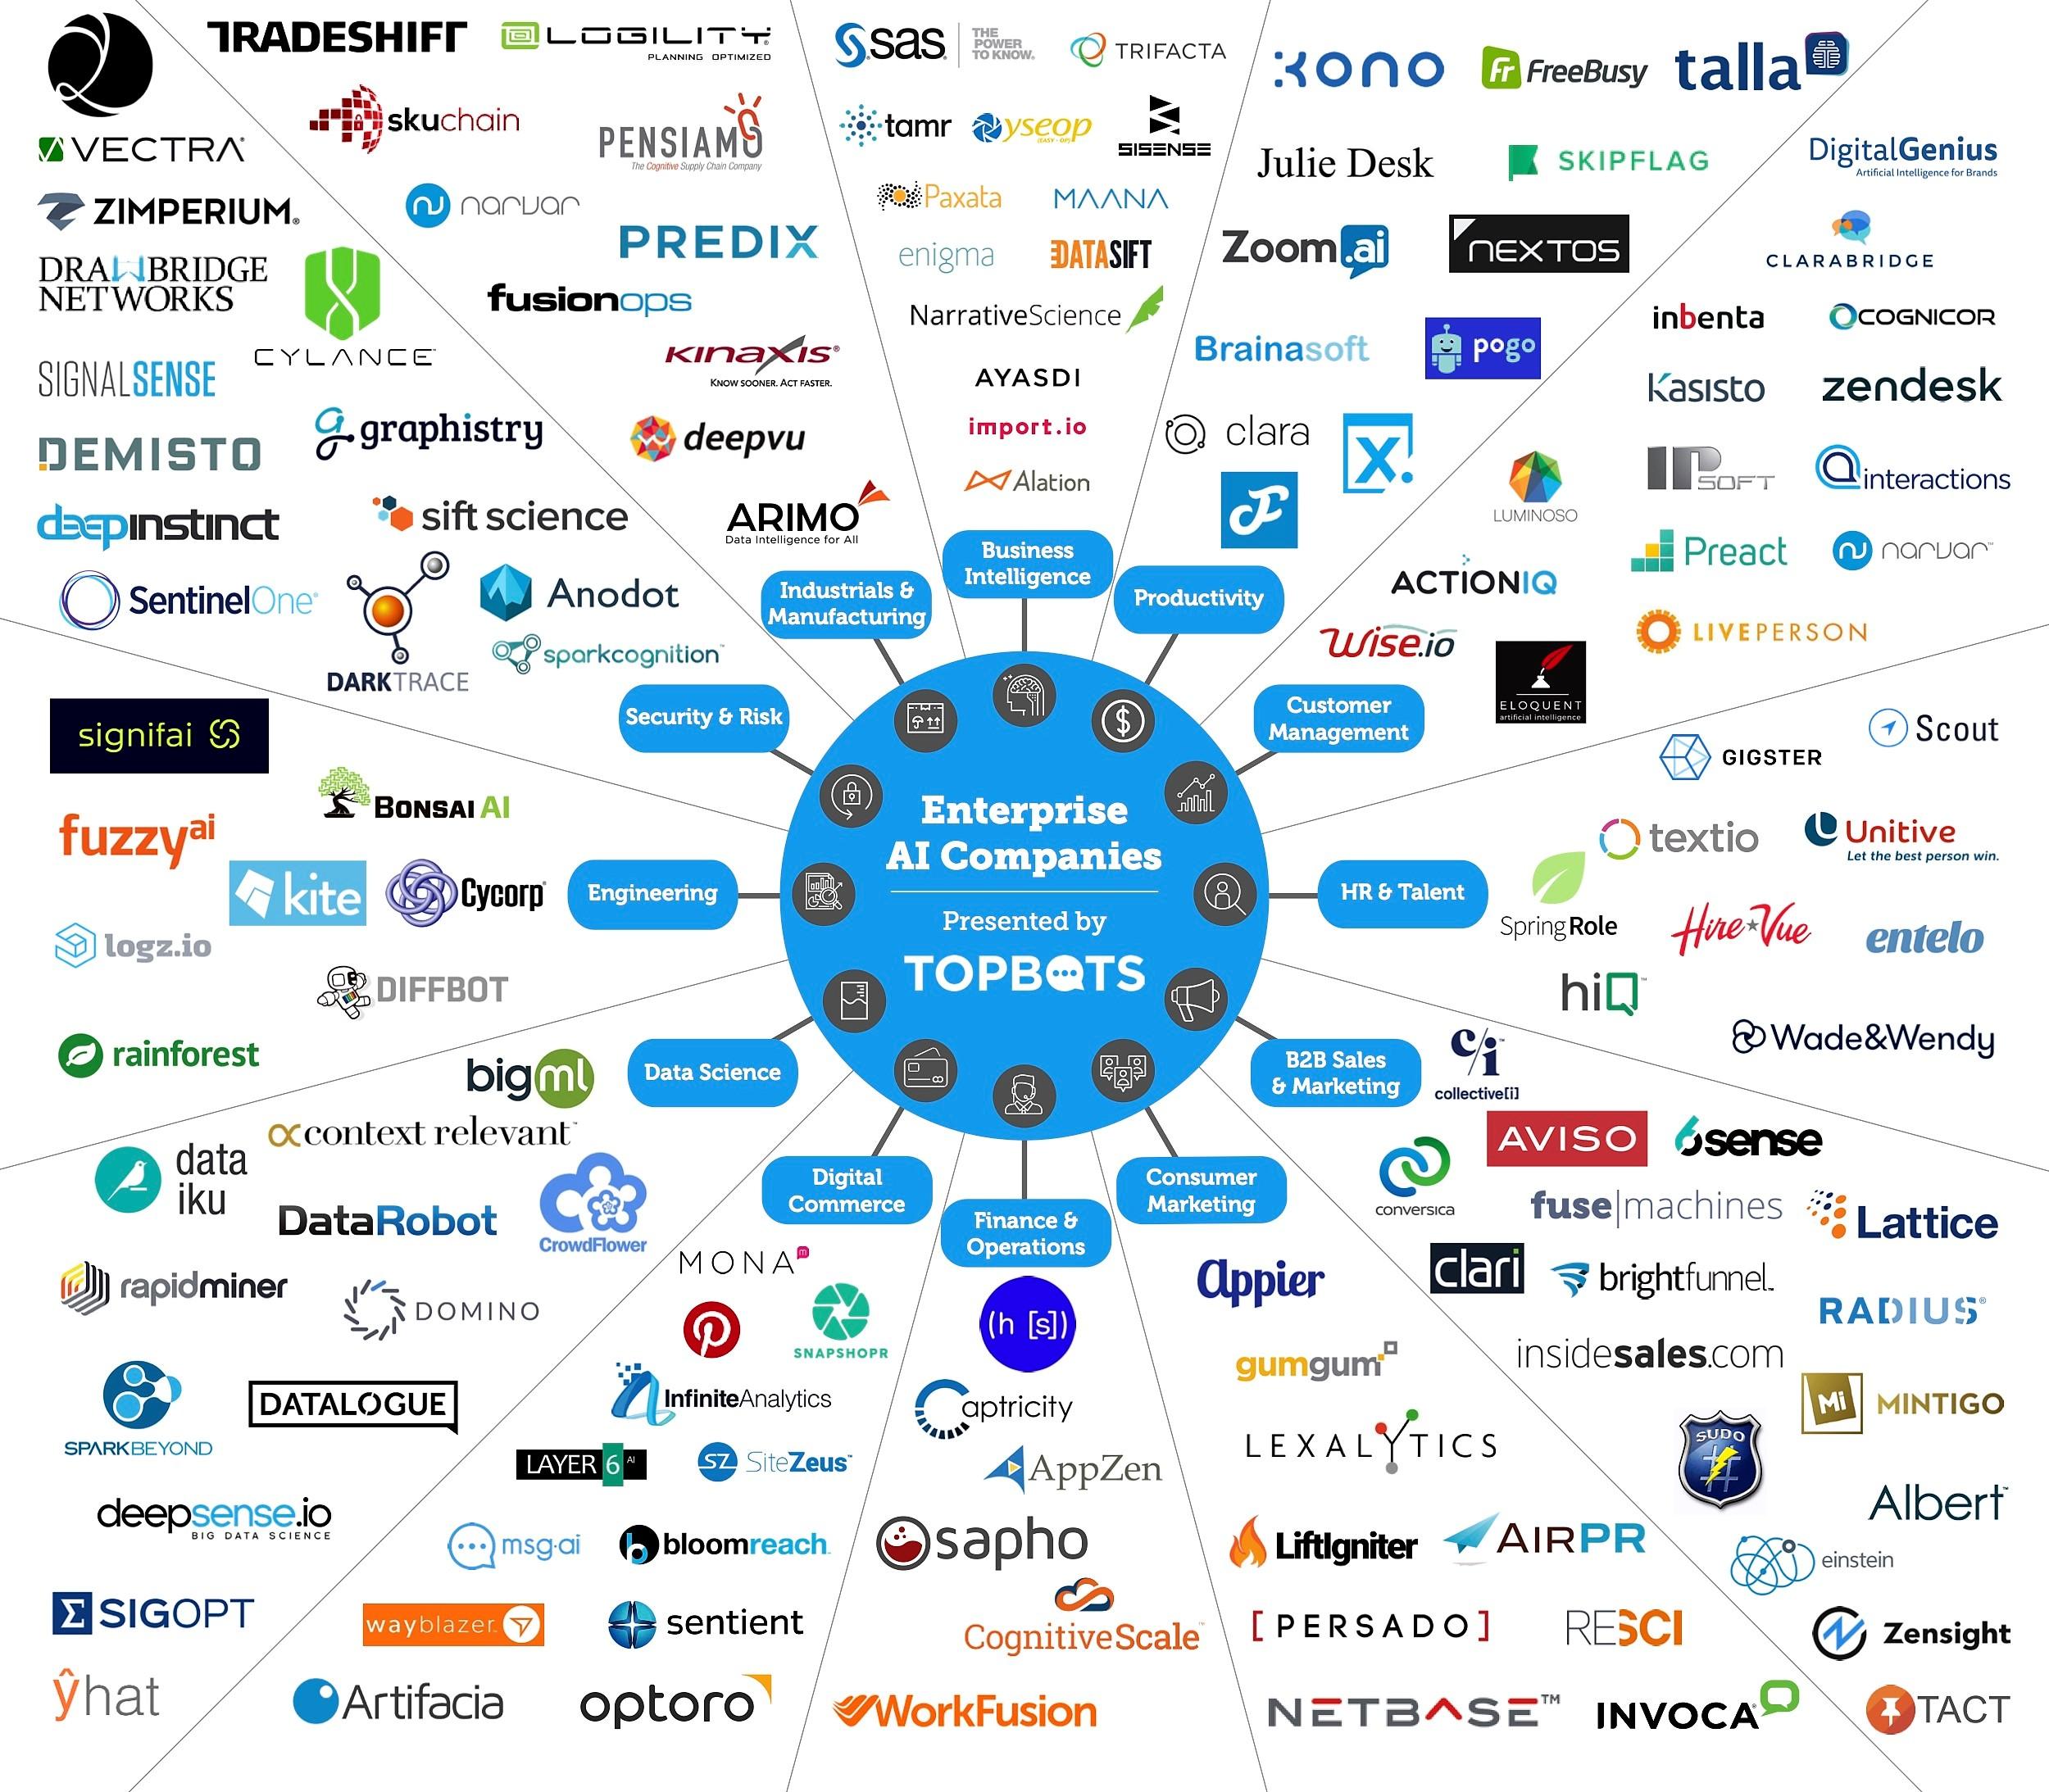 Acciones Inteligencia Artificial - Enric Jaimez - unespeculador.com - Trading Inteligencia artificial